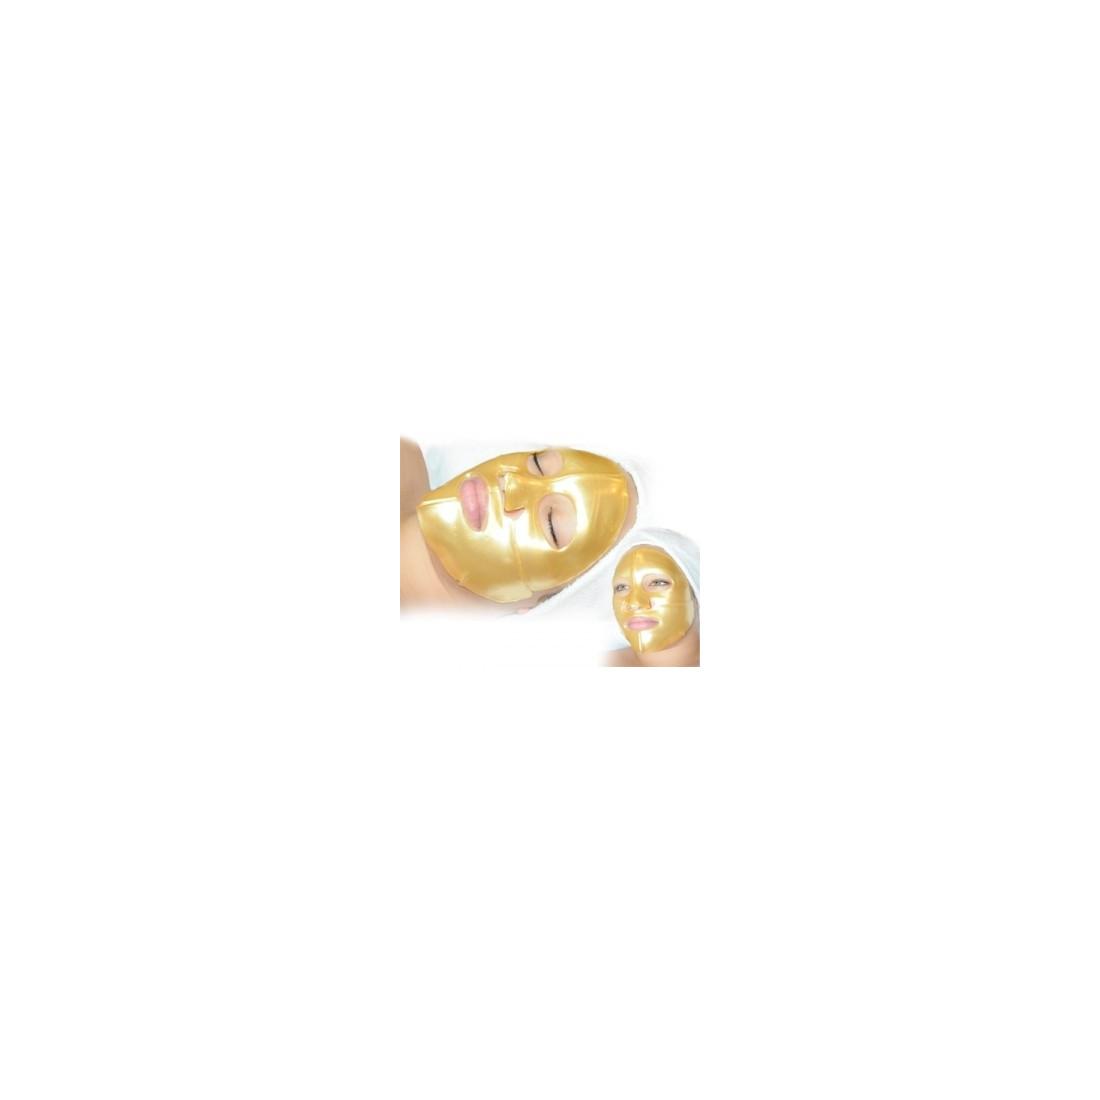 masque visage au collagene or madin beauty. Black Bedroom Furniture Sets. Home Design Ideas